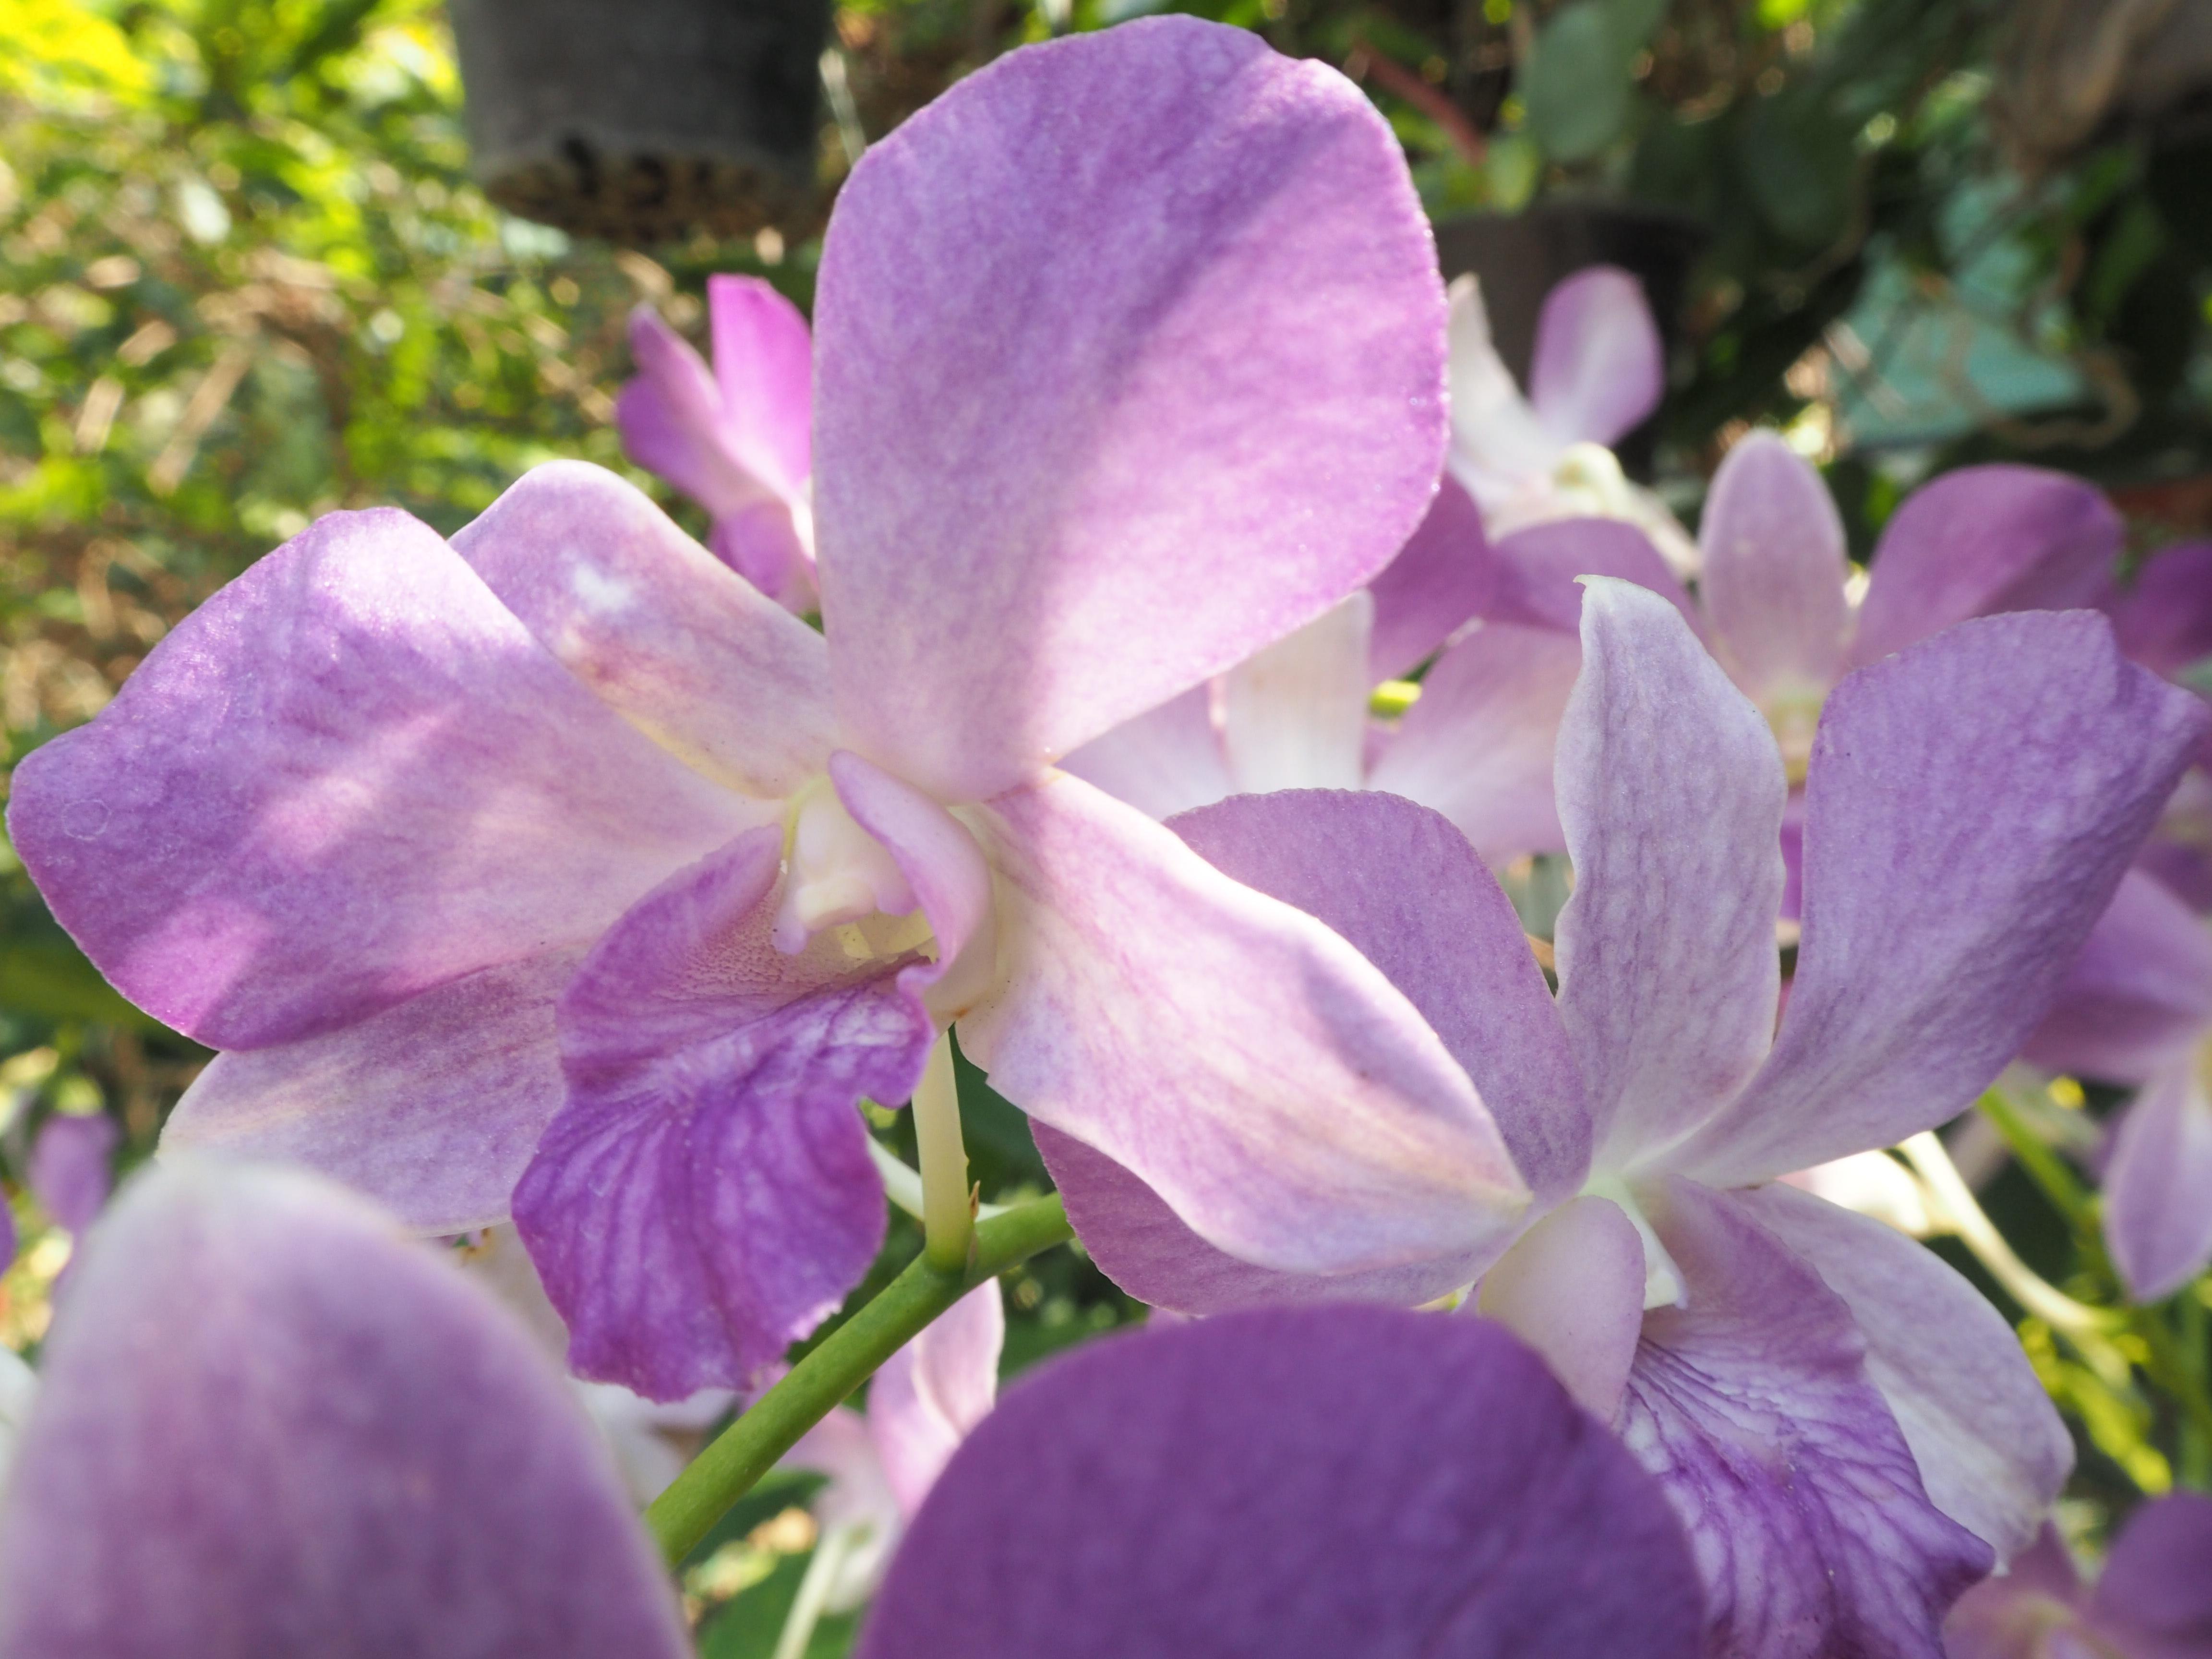 Images Gratuites Orchidee Rose Fleur Flore Violet Plante A